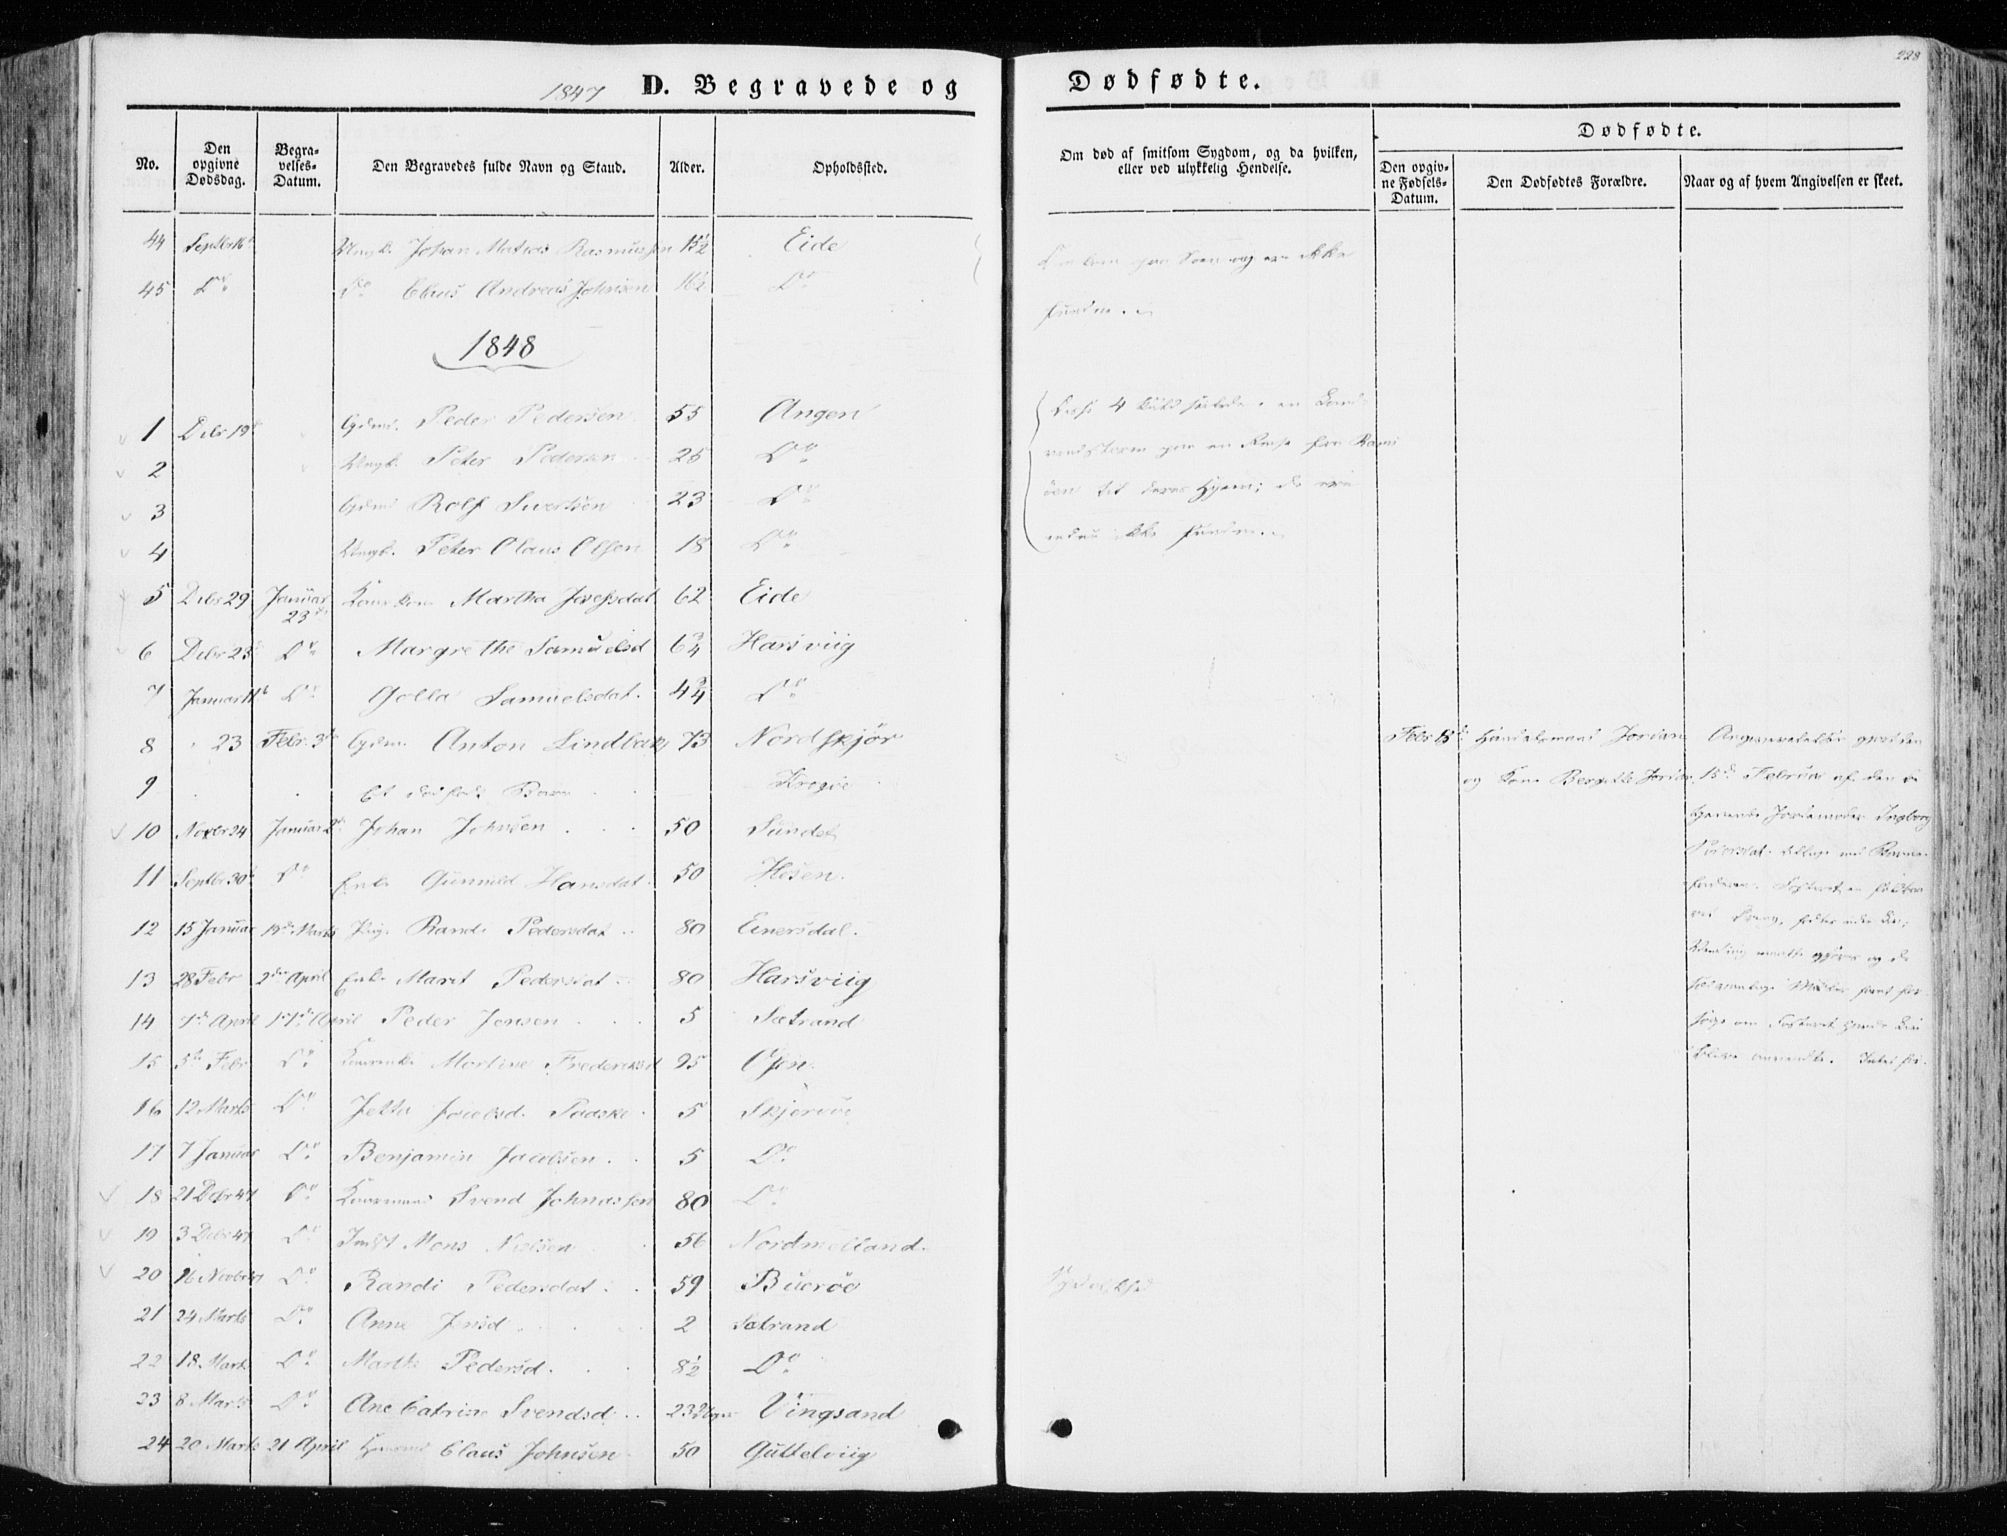 SAT, Ministerialprotokoller, klokkerbøker og fødselsregistre - Sør-Trøndelag, 657/L0704: Ministerialbok nr. 657A05, 1846-1857, s. 228